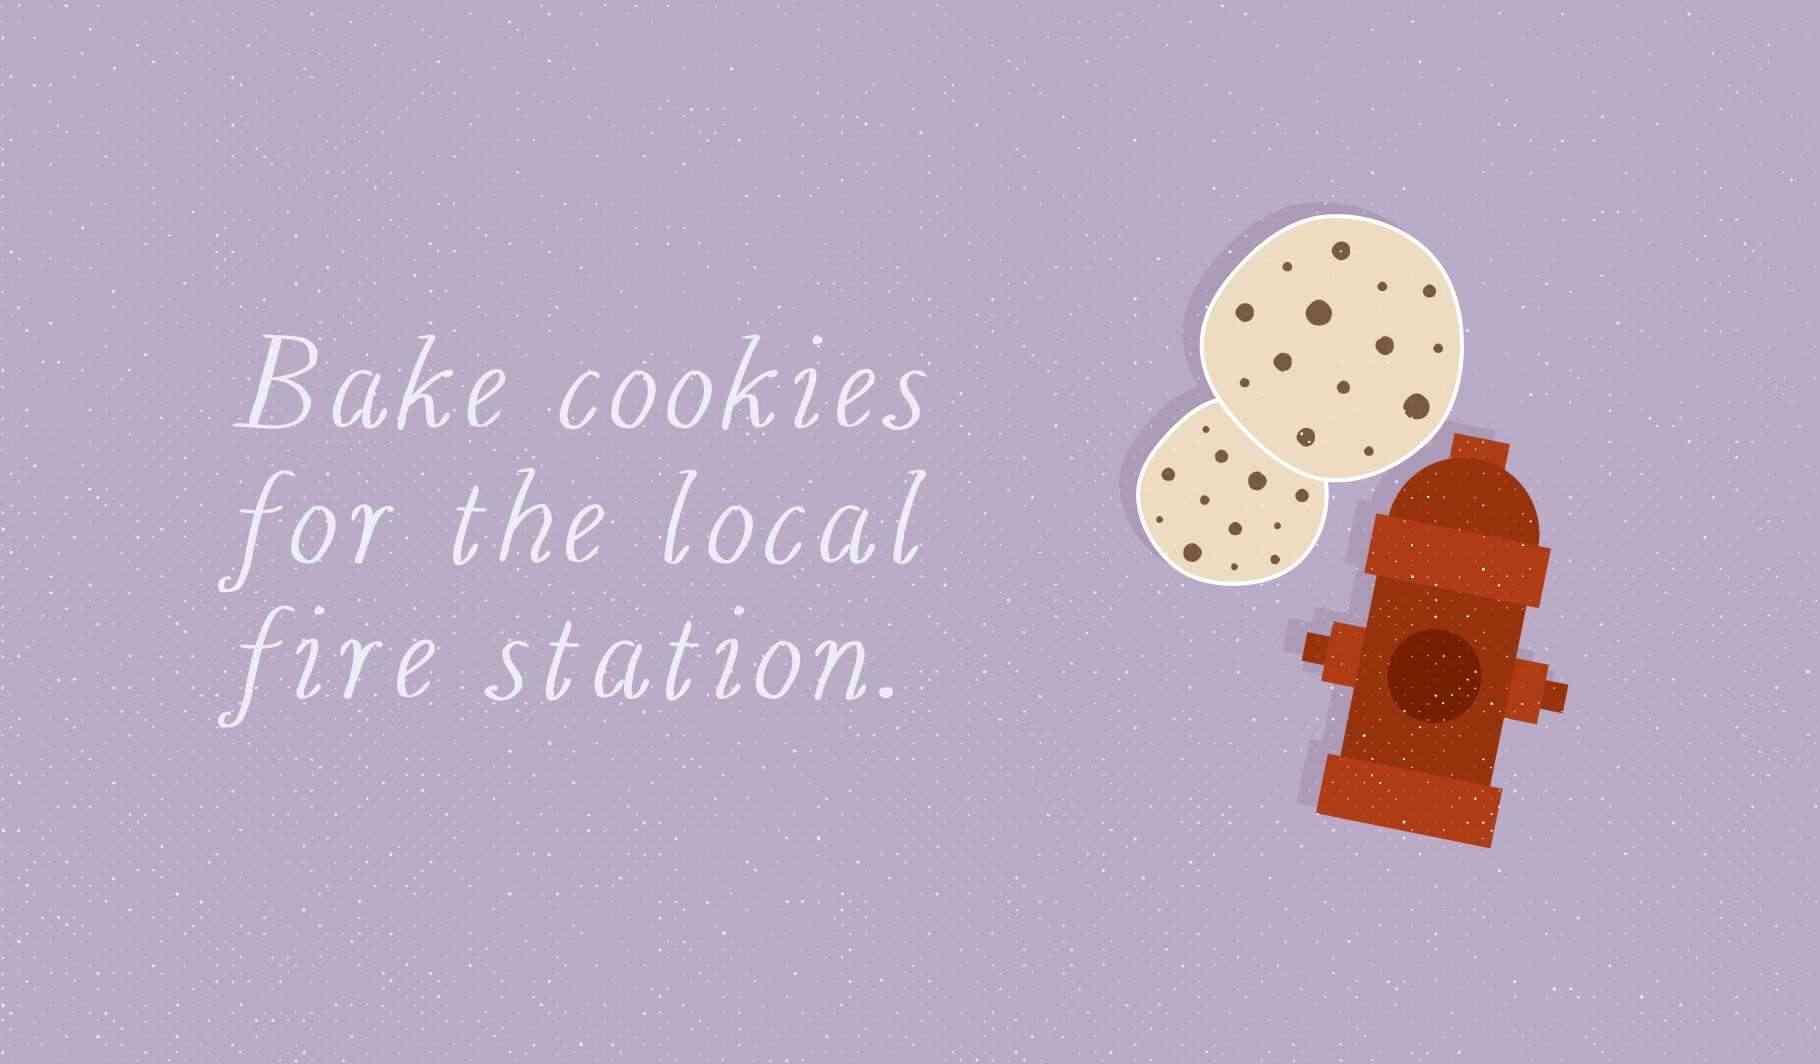 bake-cookies